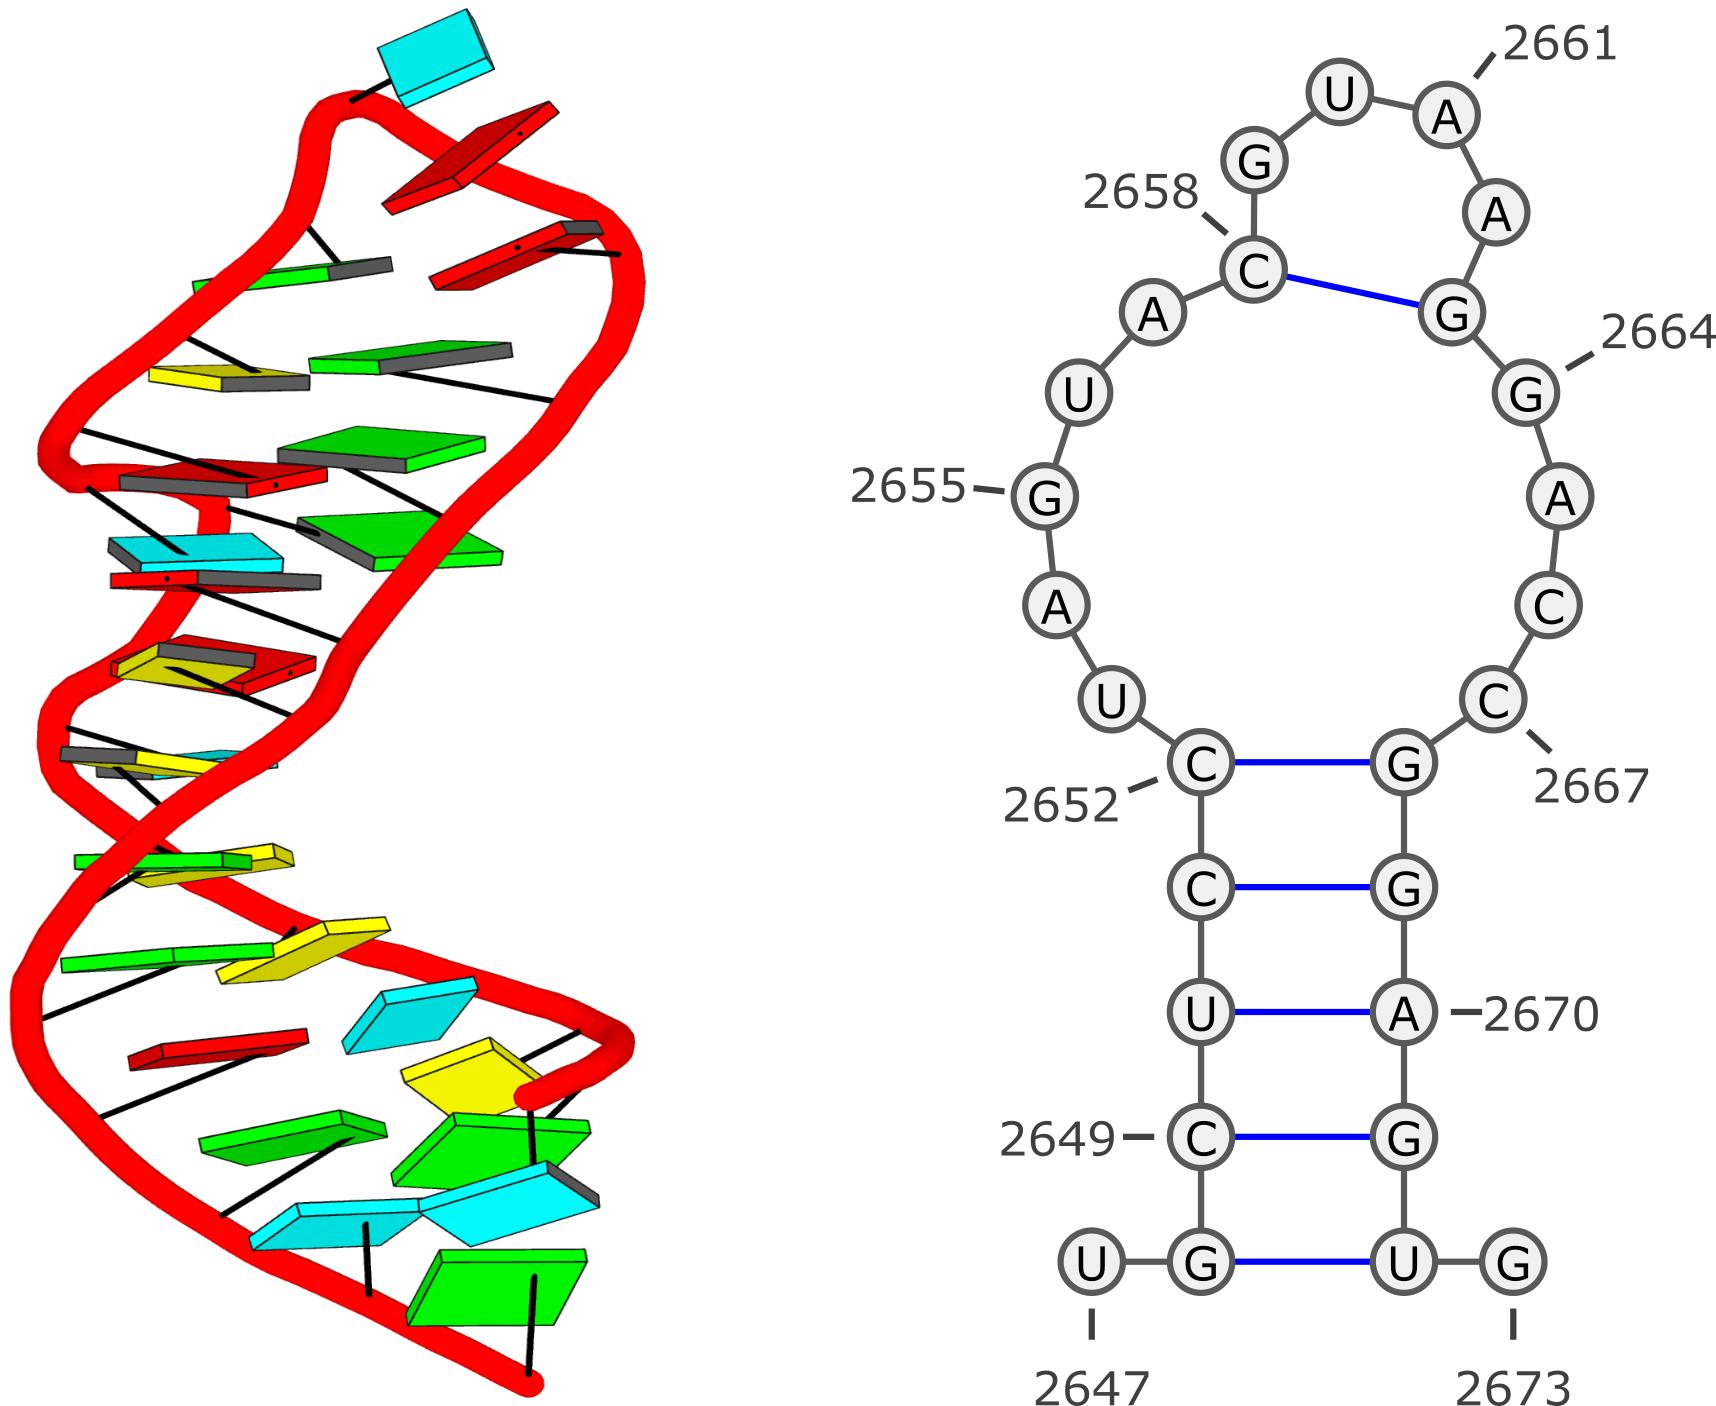 1msy [GUAA tetra loop] in 3d and 2d representations